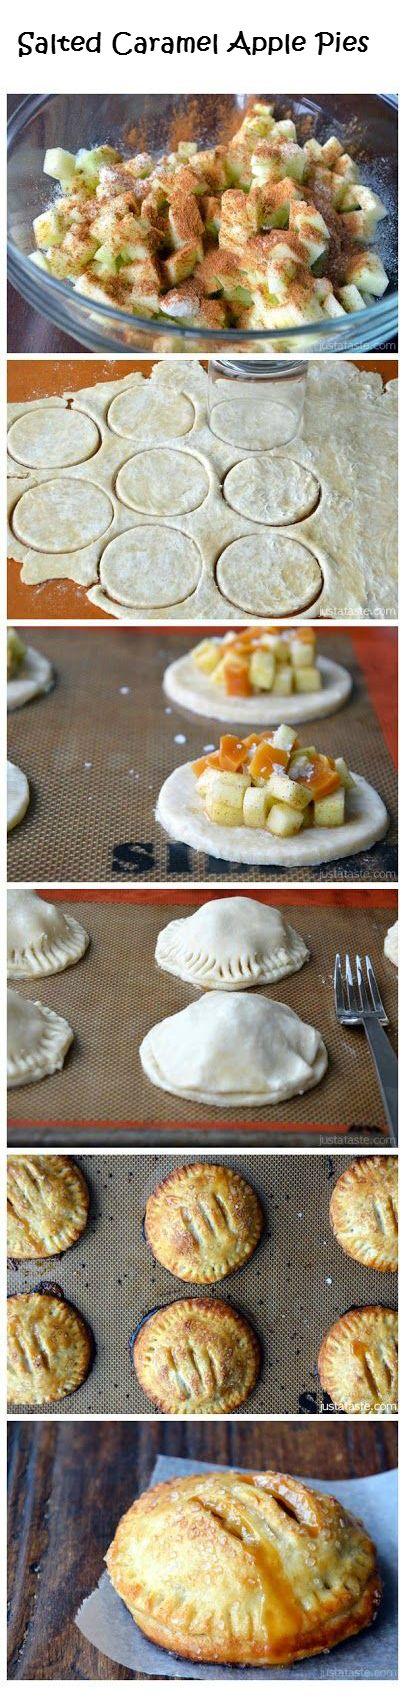 Salted-Caramel-Apple-Pies.jpg 405×1,700 pixels